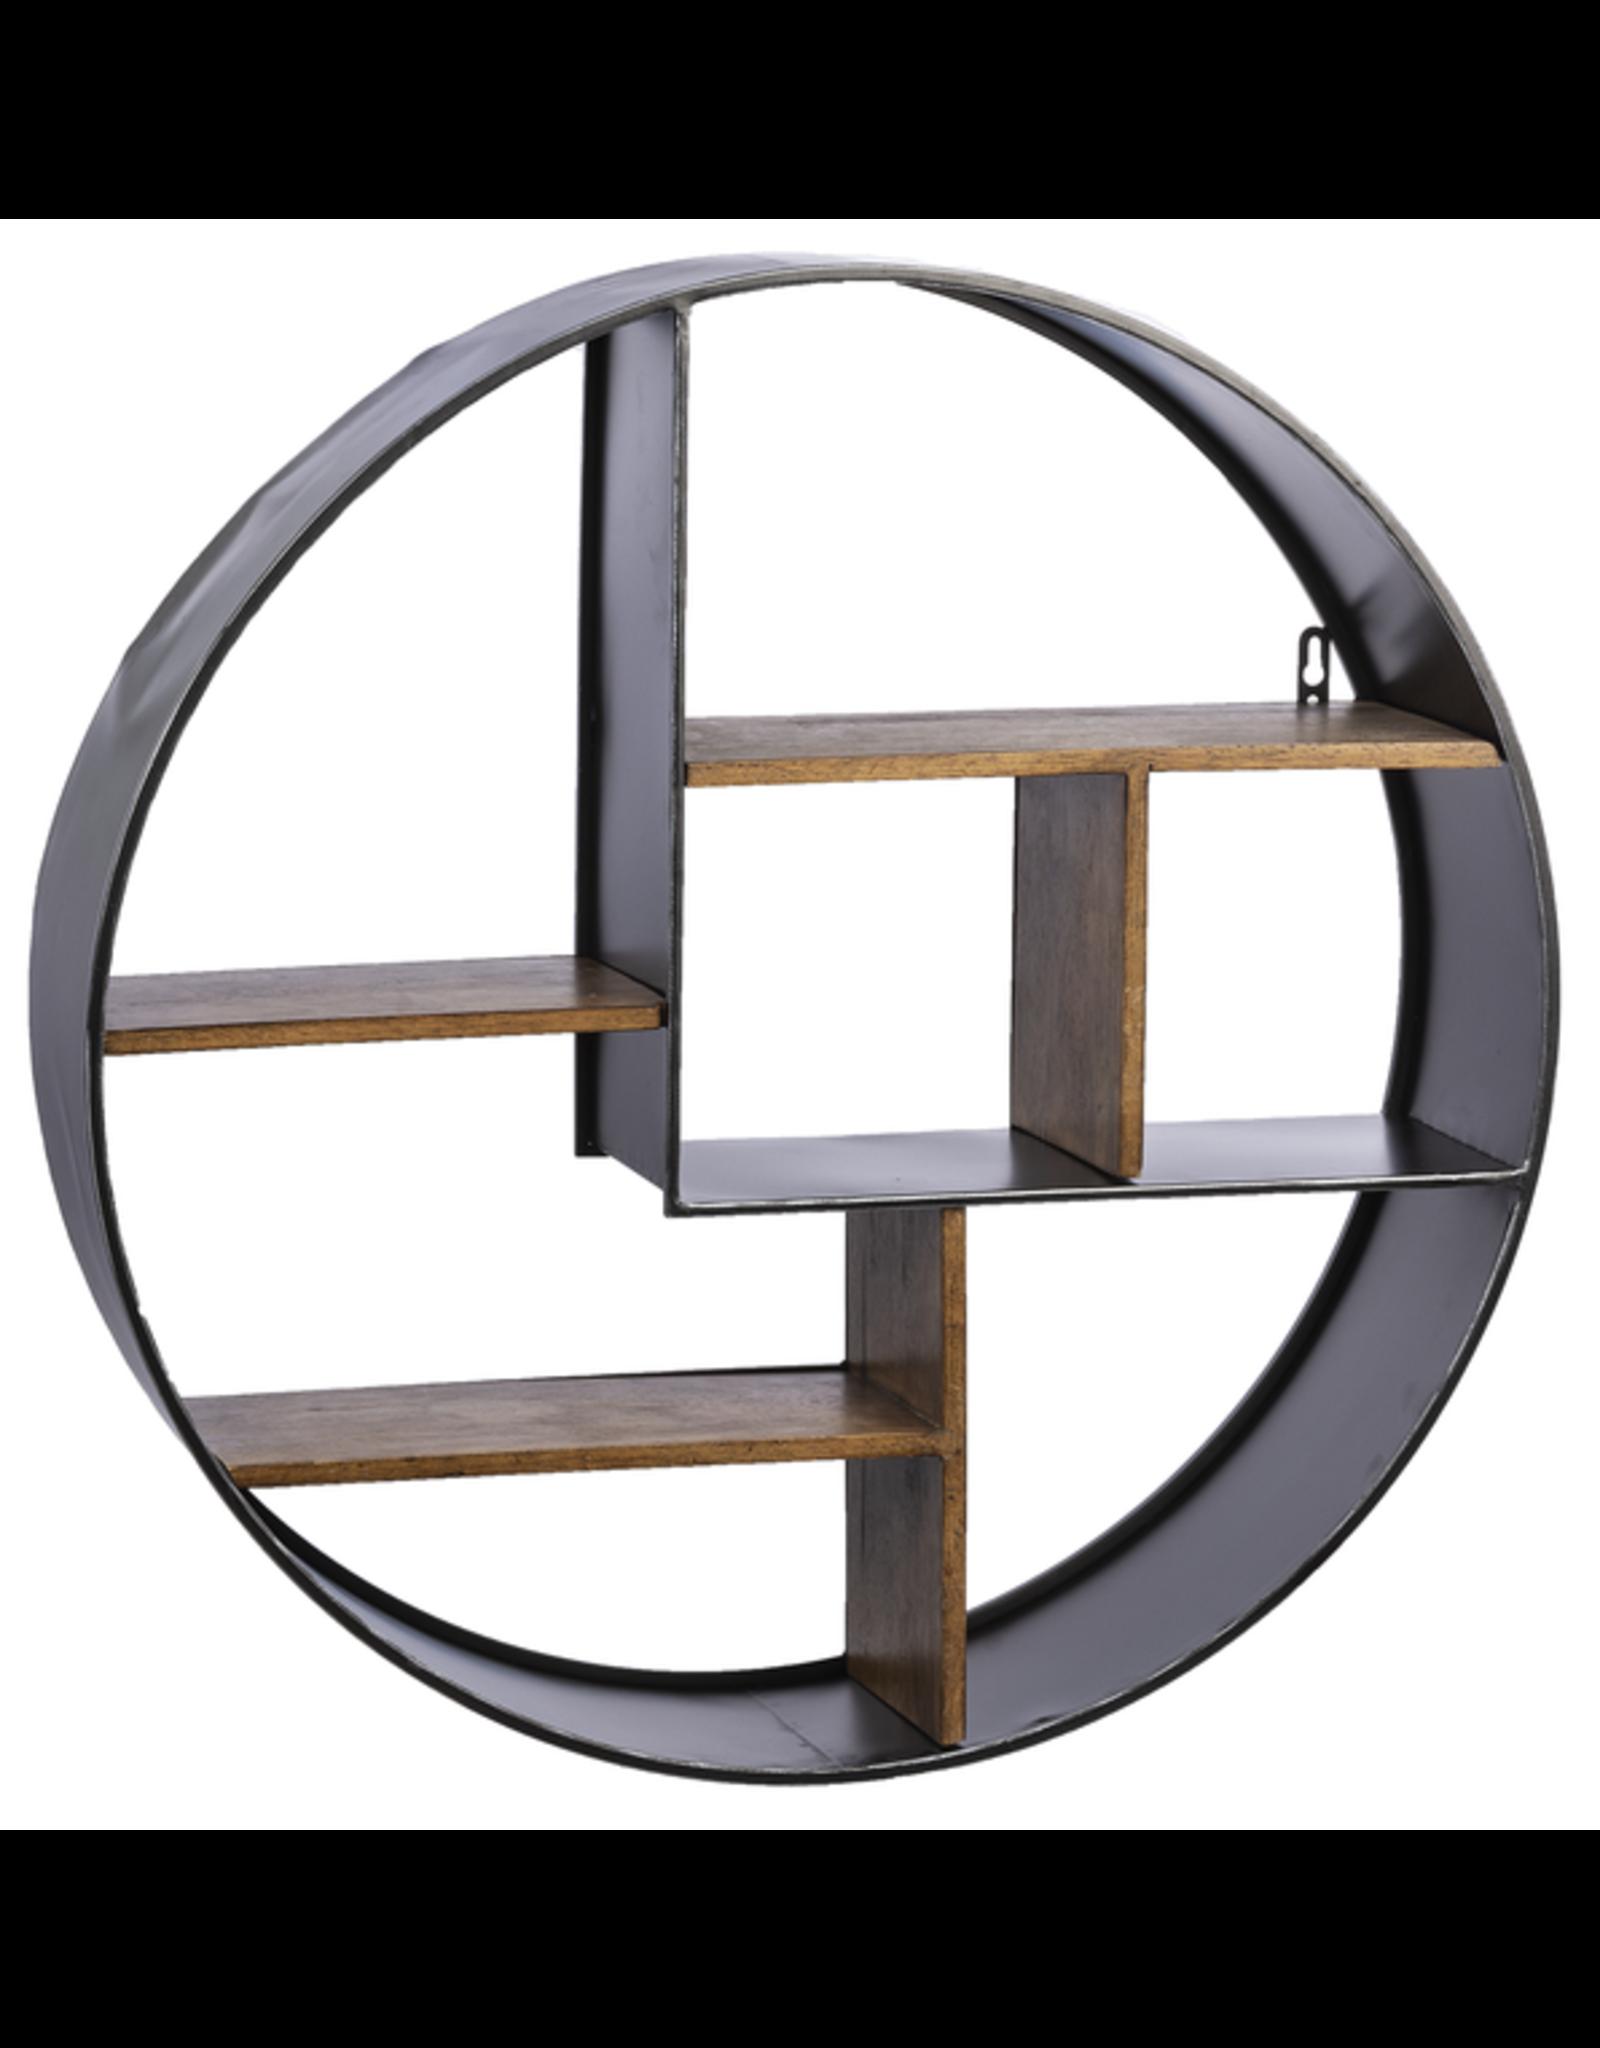 Étagère en bois rond et métal